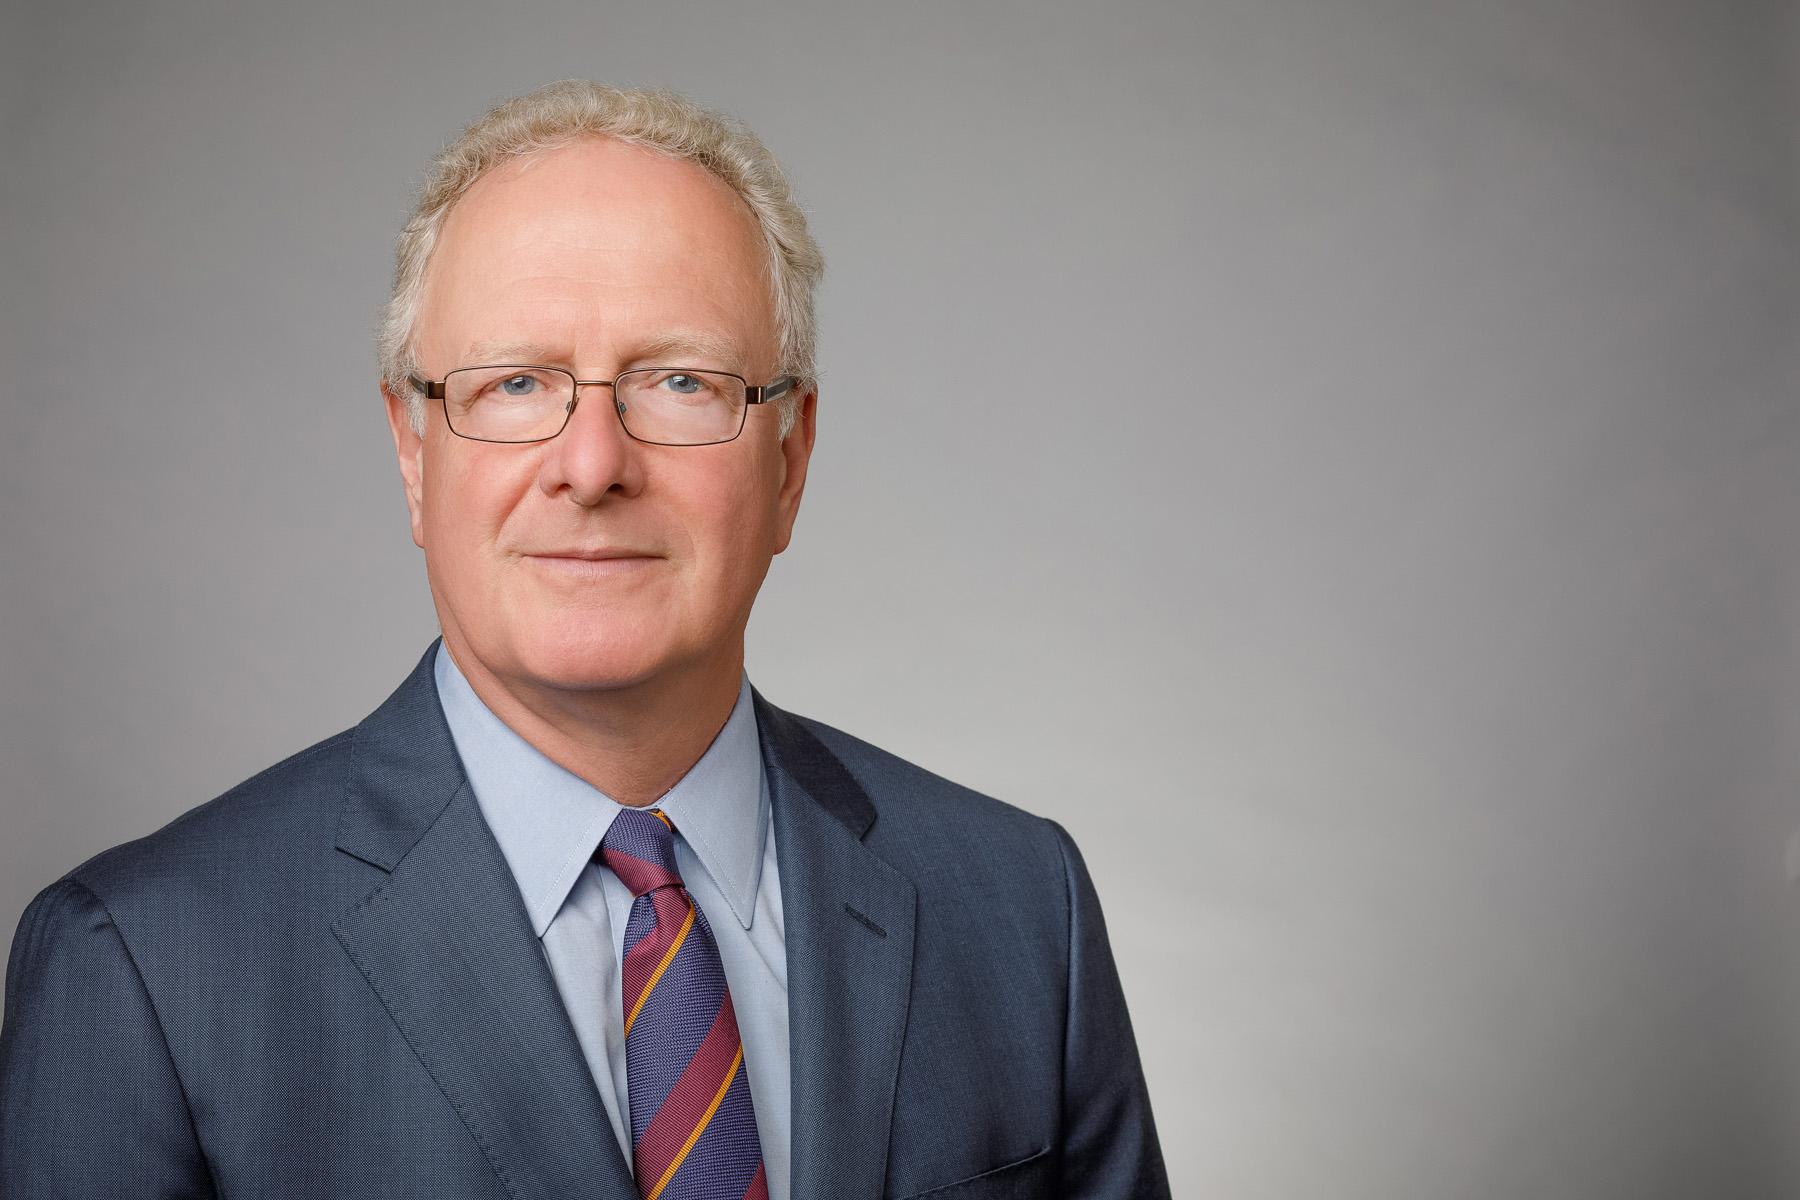 Derek van Bever